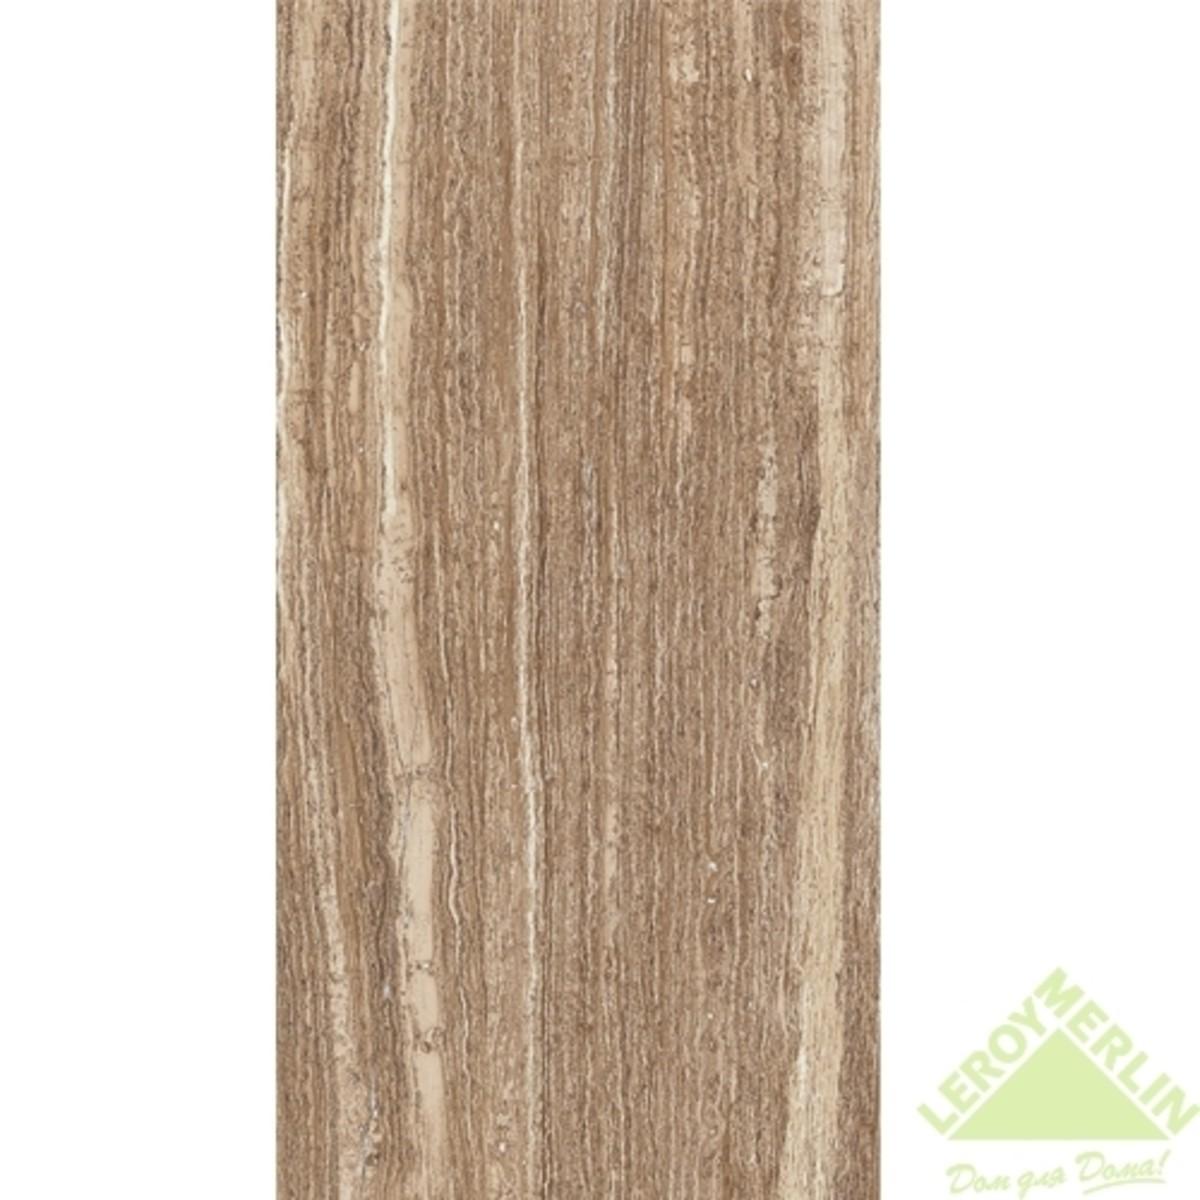 Плитка настенная Флоренция цвет темно-коричневый 60х30 см 162 м2